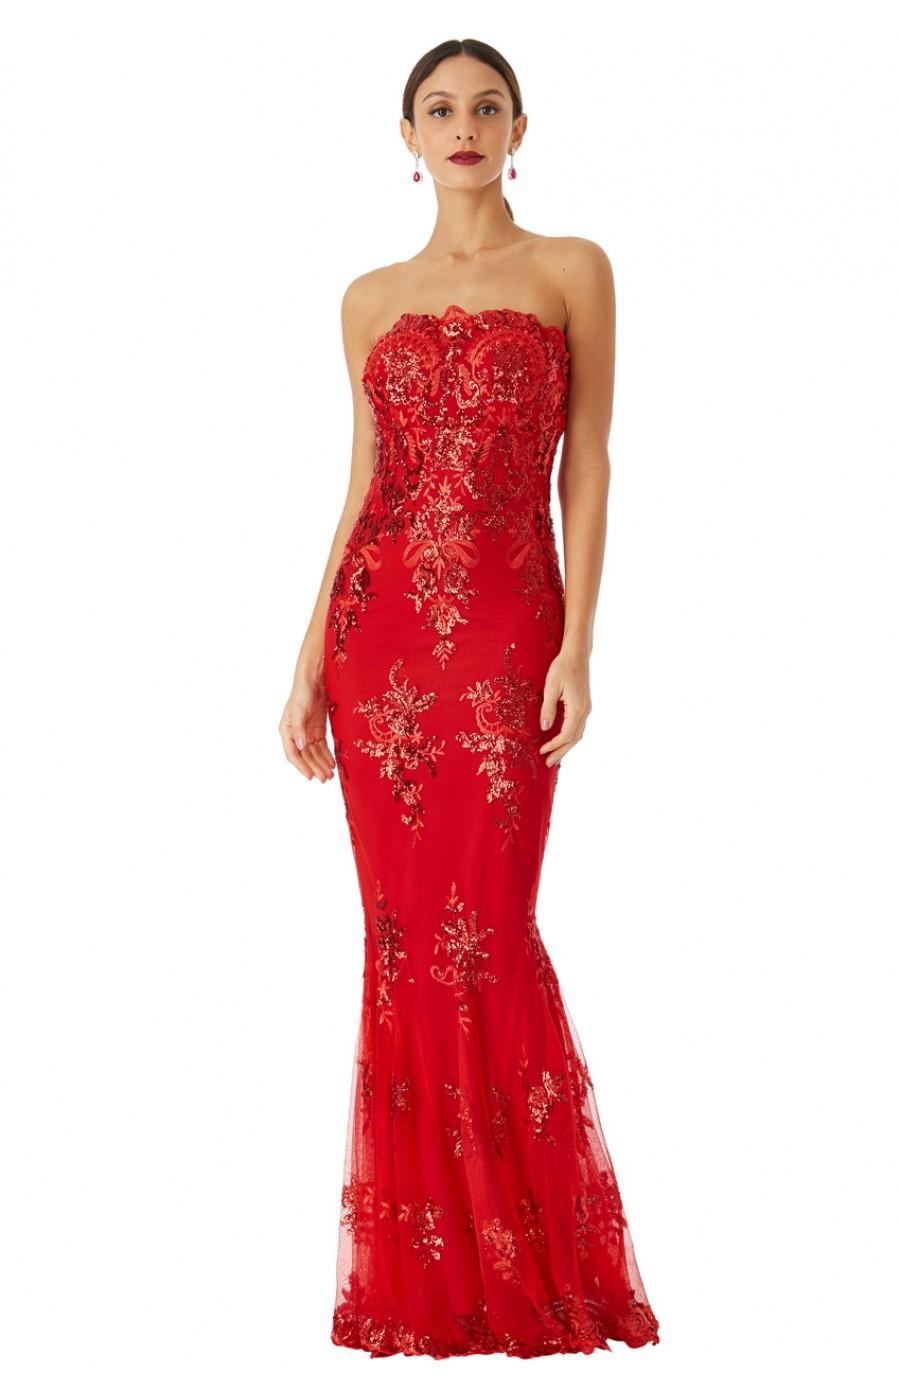 Κόκκινο μαξι φόρεμα με δαντελα